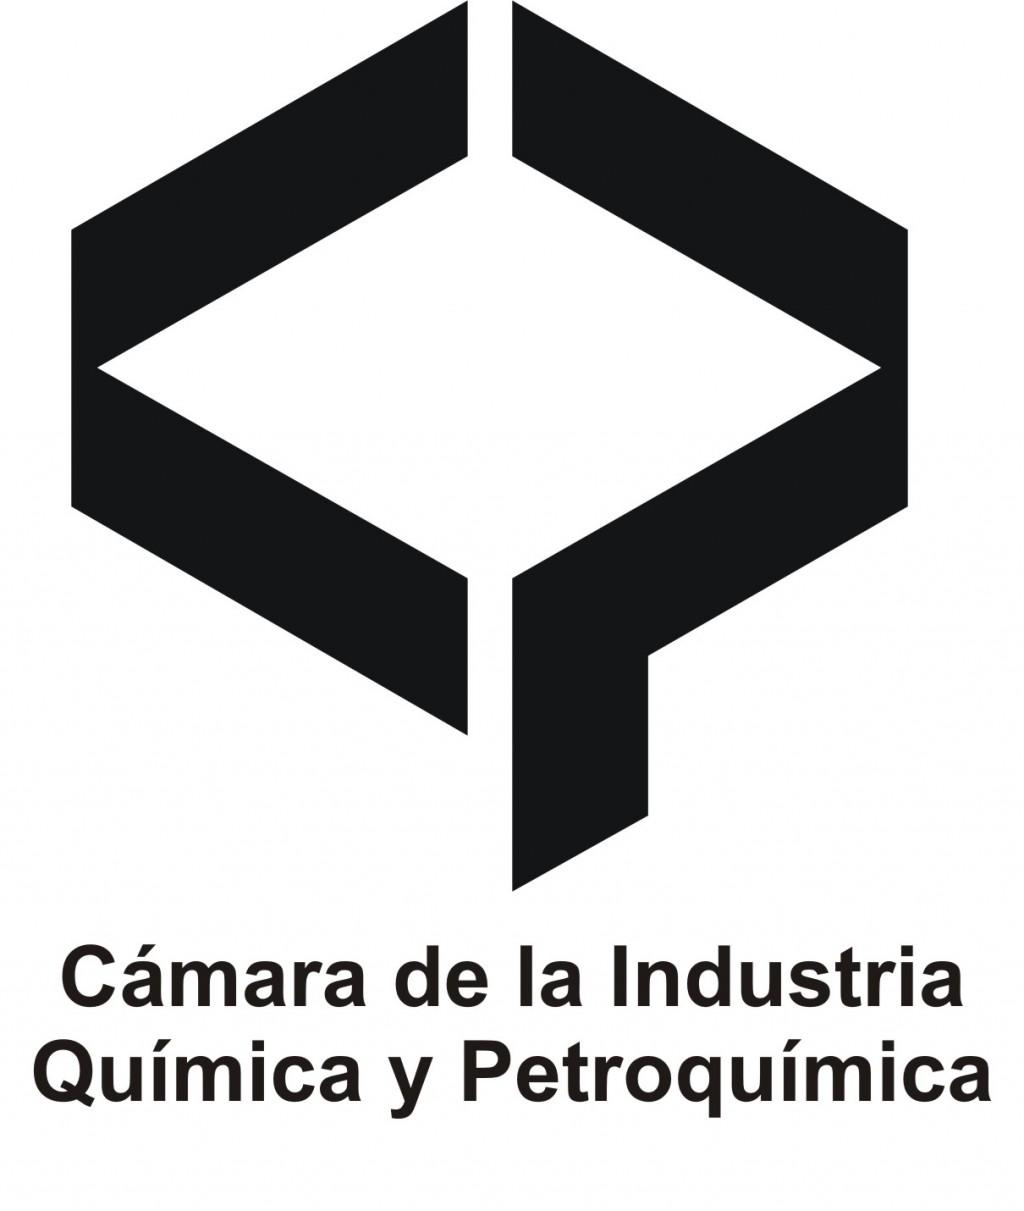 Programa de Cuidado Responsable del Medio Ambiente®: Indicadores de Desempeño de la Industria Química y Petroquímica